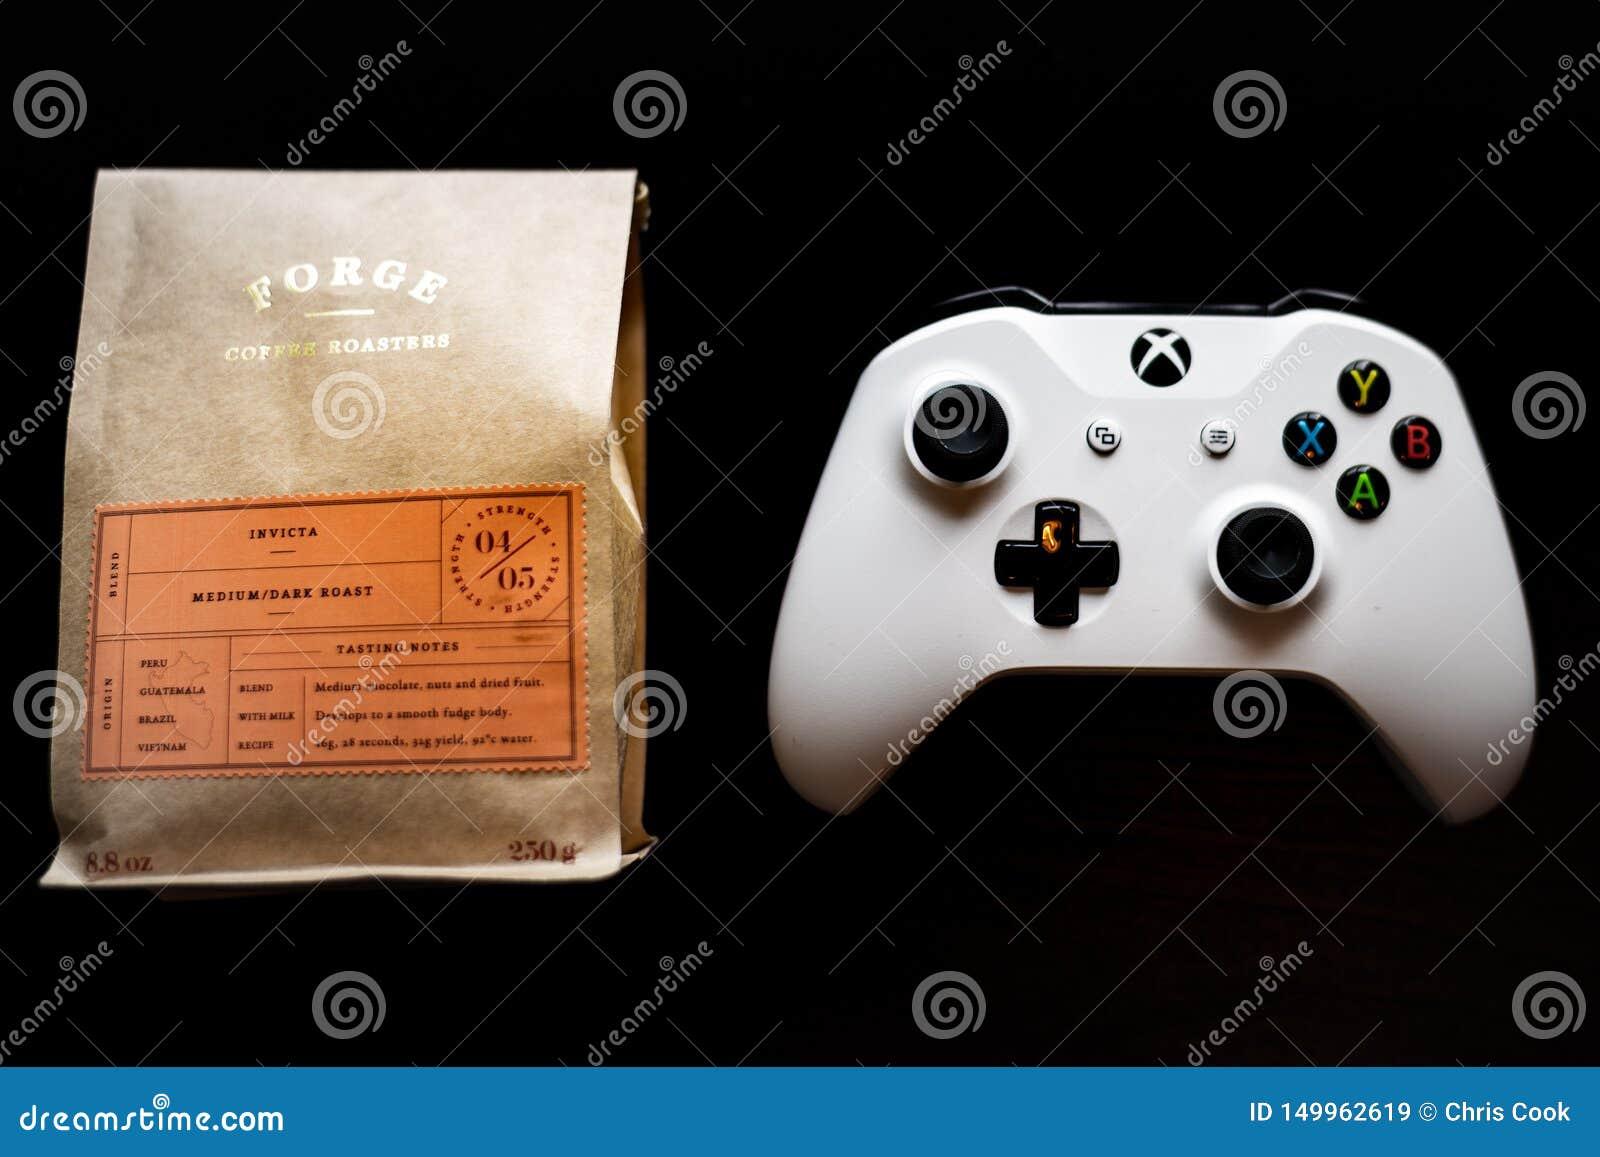 Xbox Onelekkontrollanten satt bredvid en påse av jordkaffe mot en mörk svart bakgrund